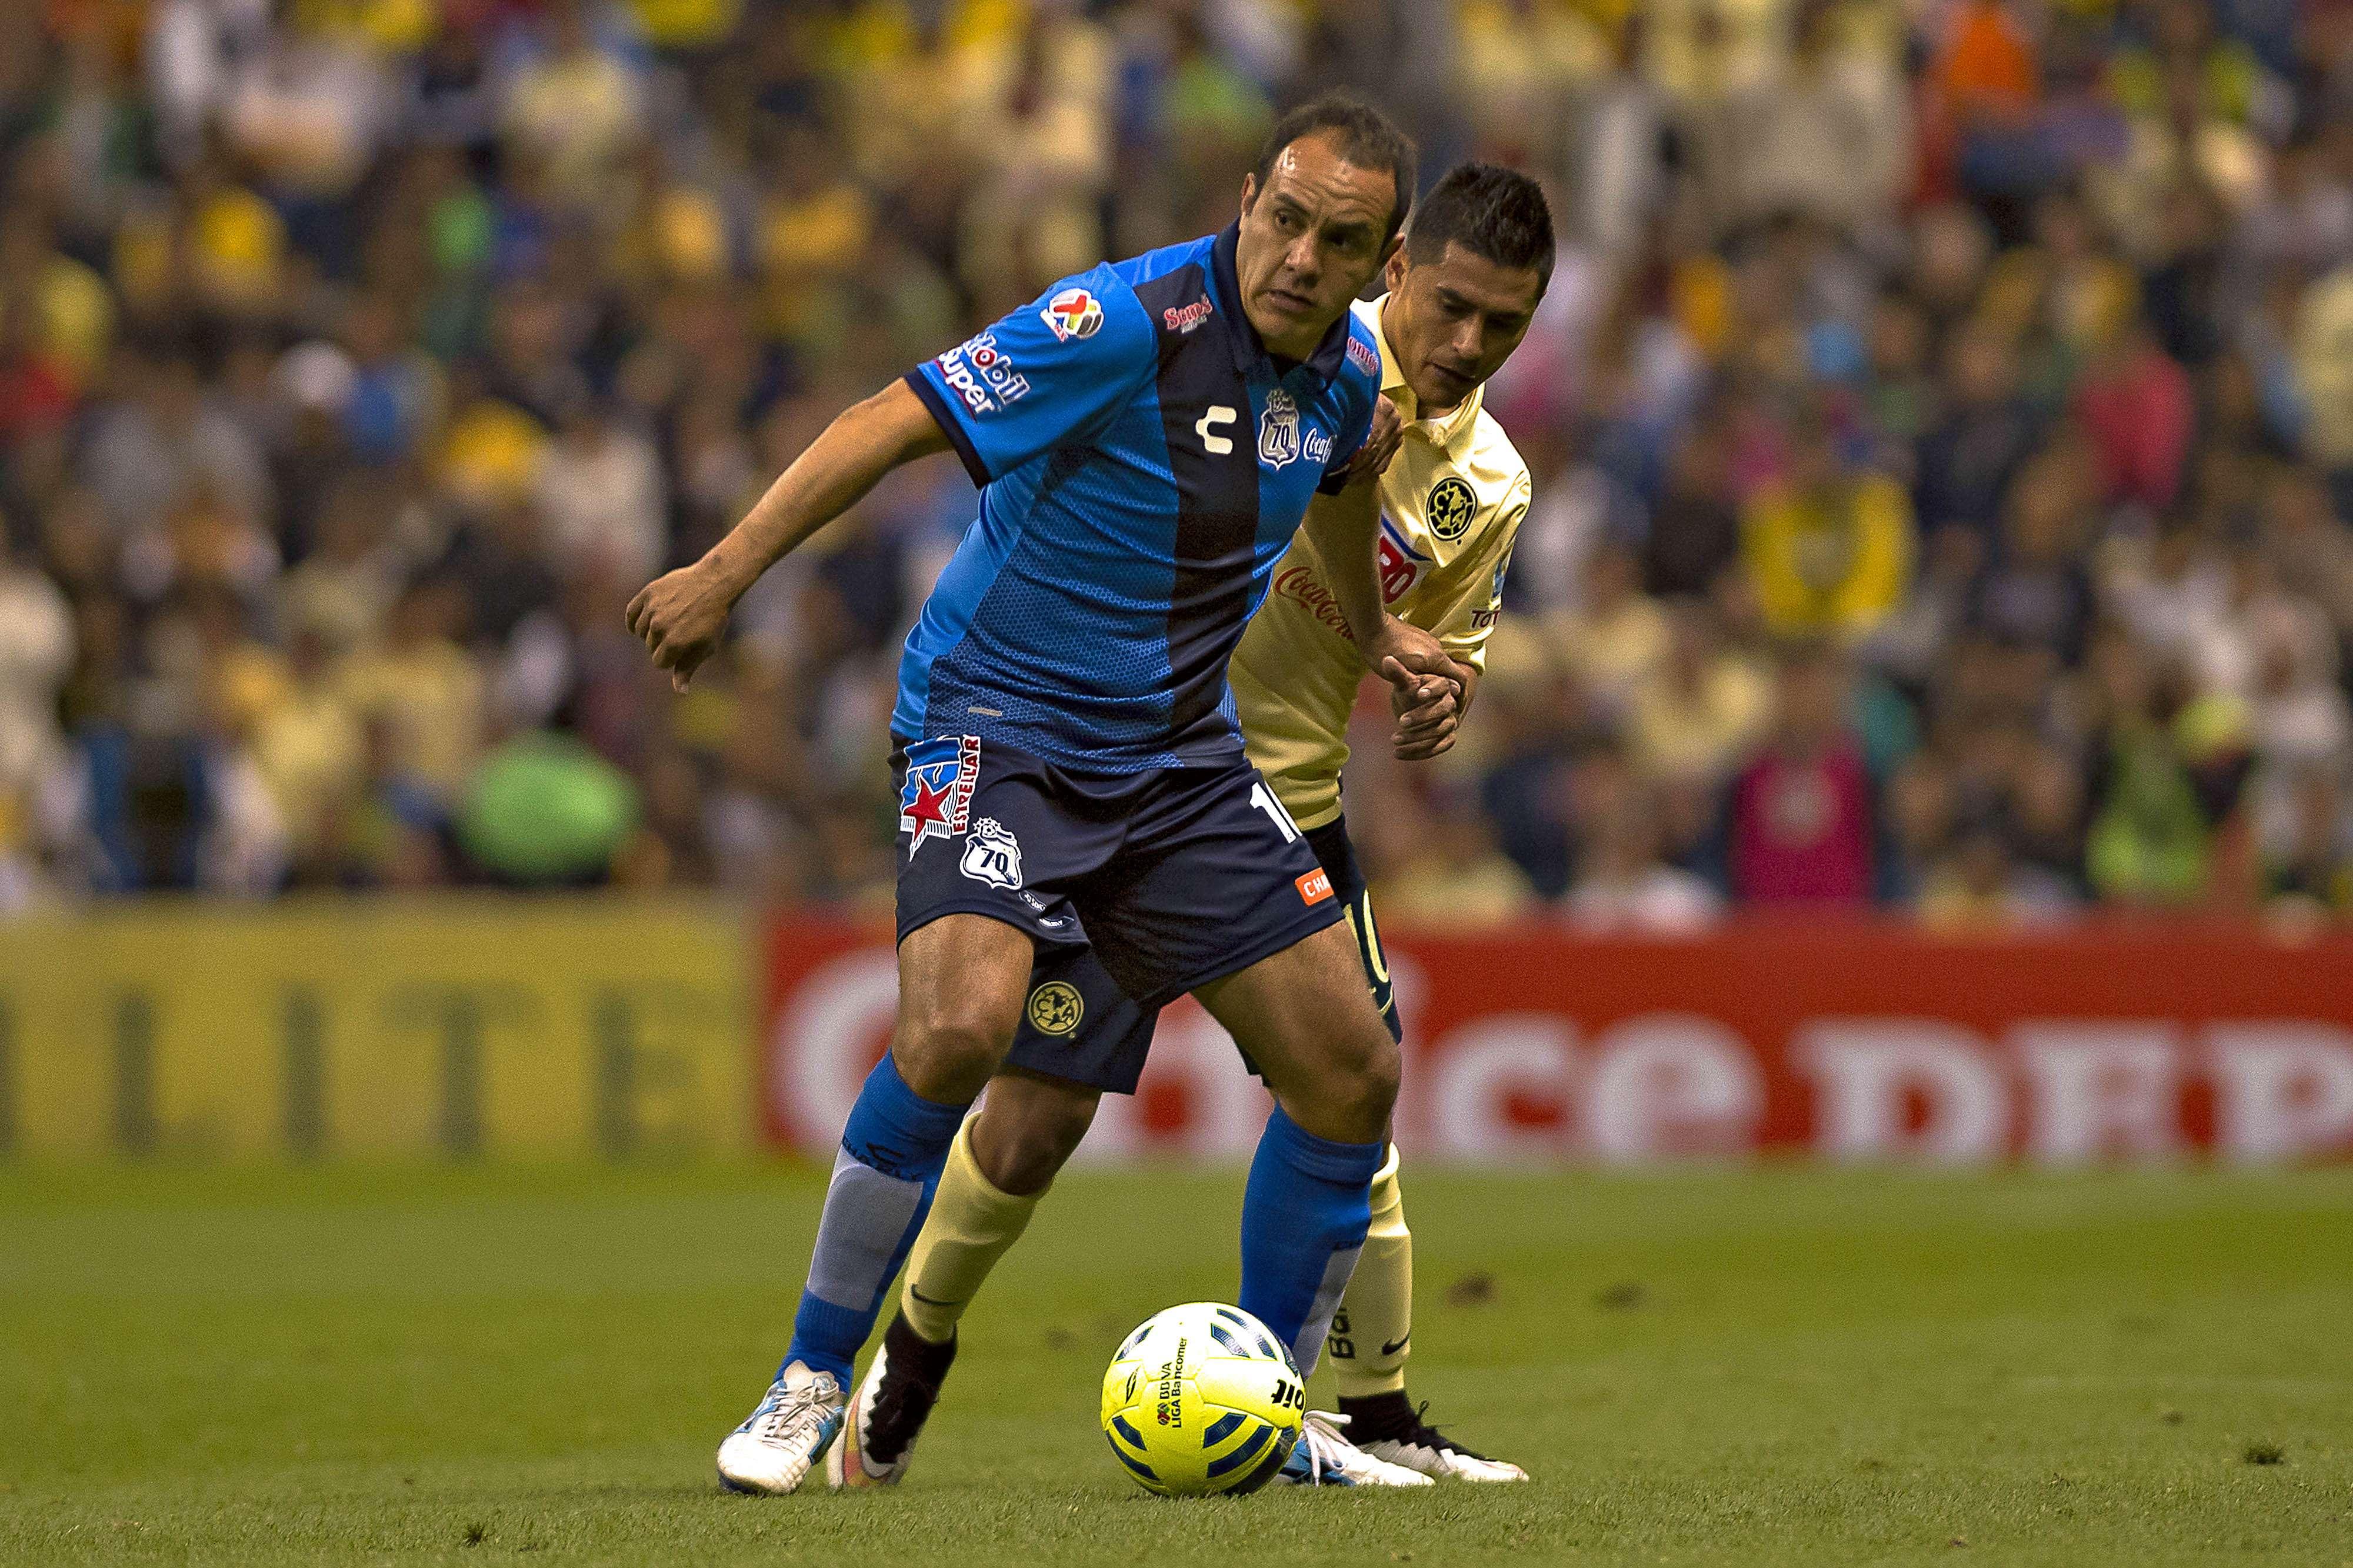 Cuauhtémoc Blanco se llevó una impresionante ovación de la afición en el Estadio Azteca. Foto: Mexsport